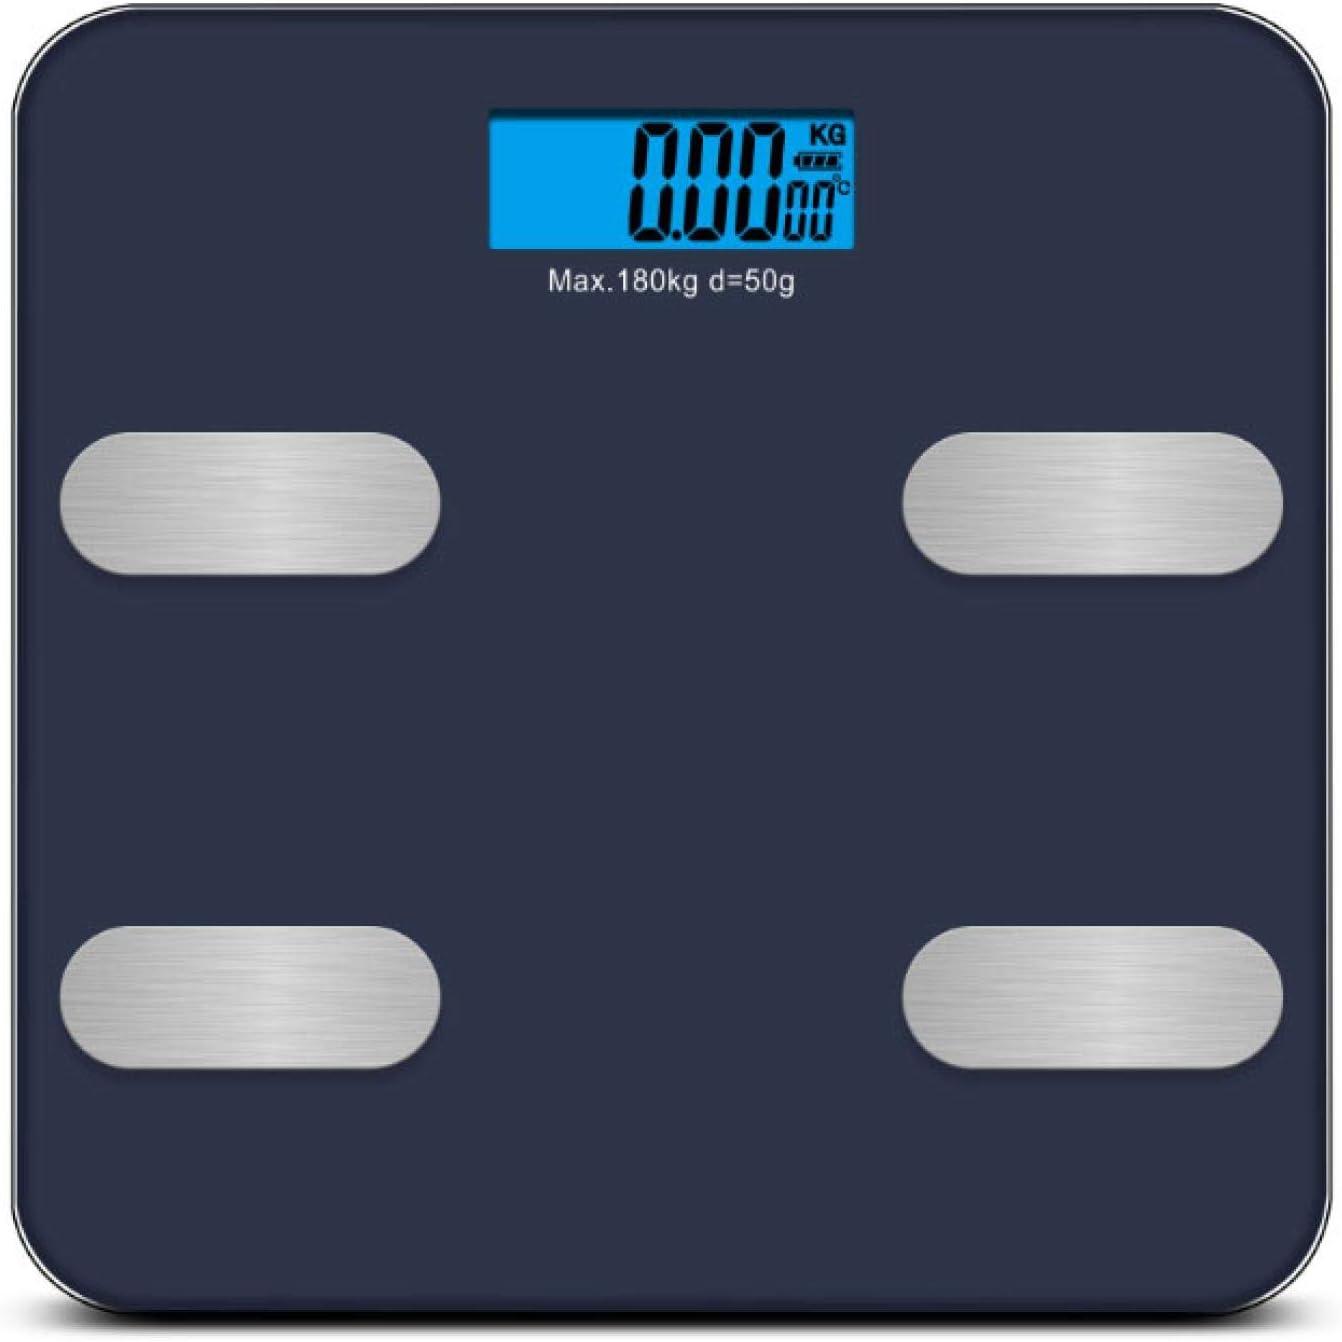 Báscula de grasa corporal digital de alta sensibilidad, balanza inteligente de peso corporal conectada baño de grasa corporal báscula de peso humano de peso corporal negro